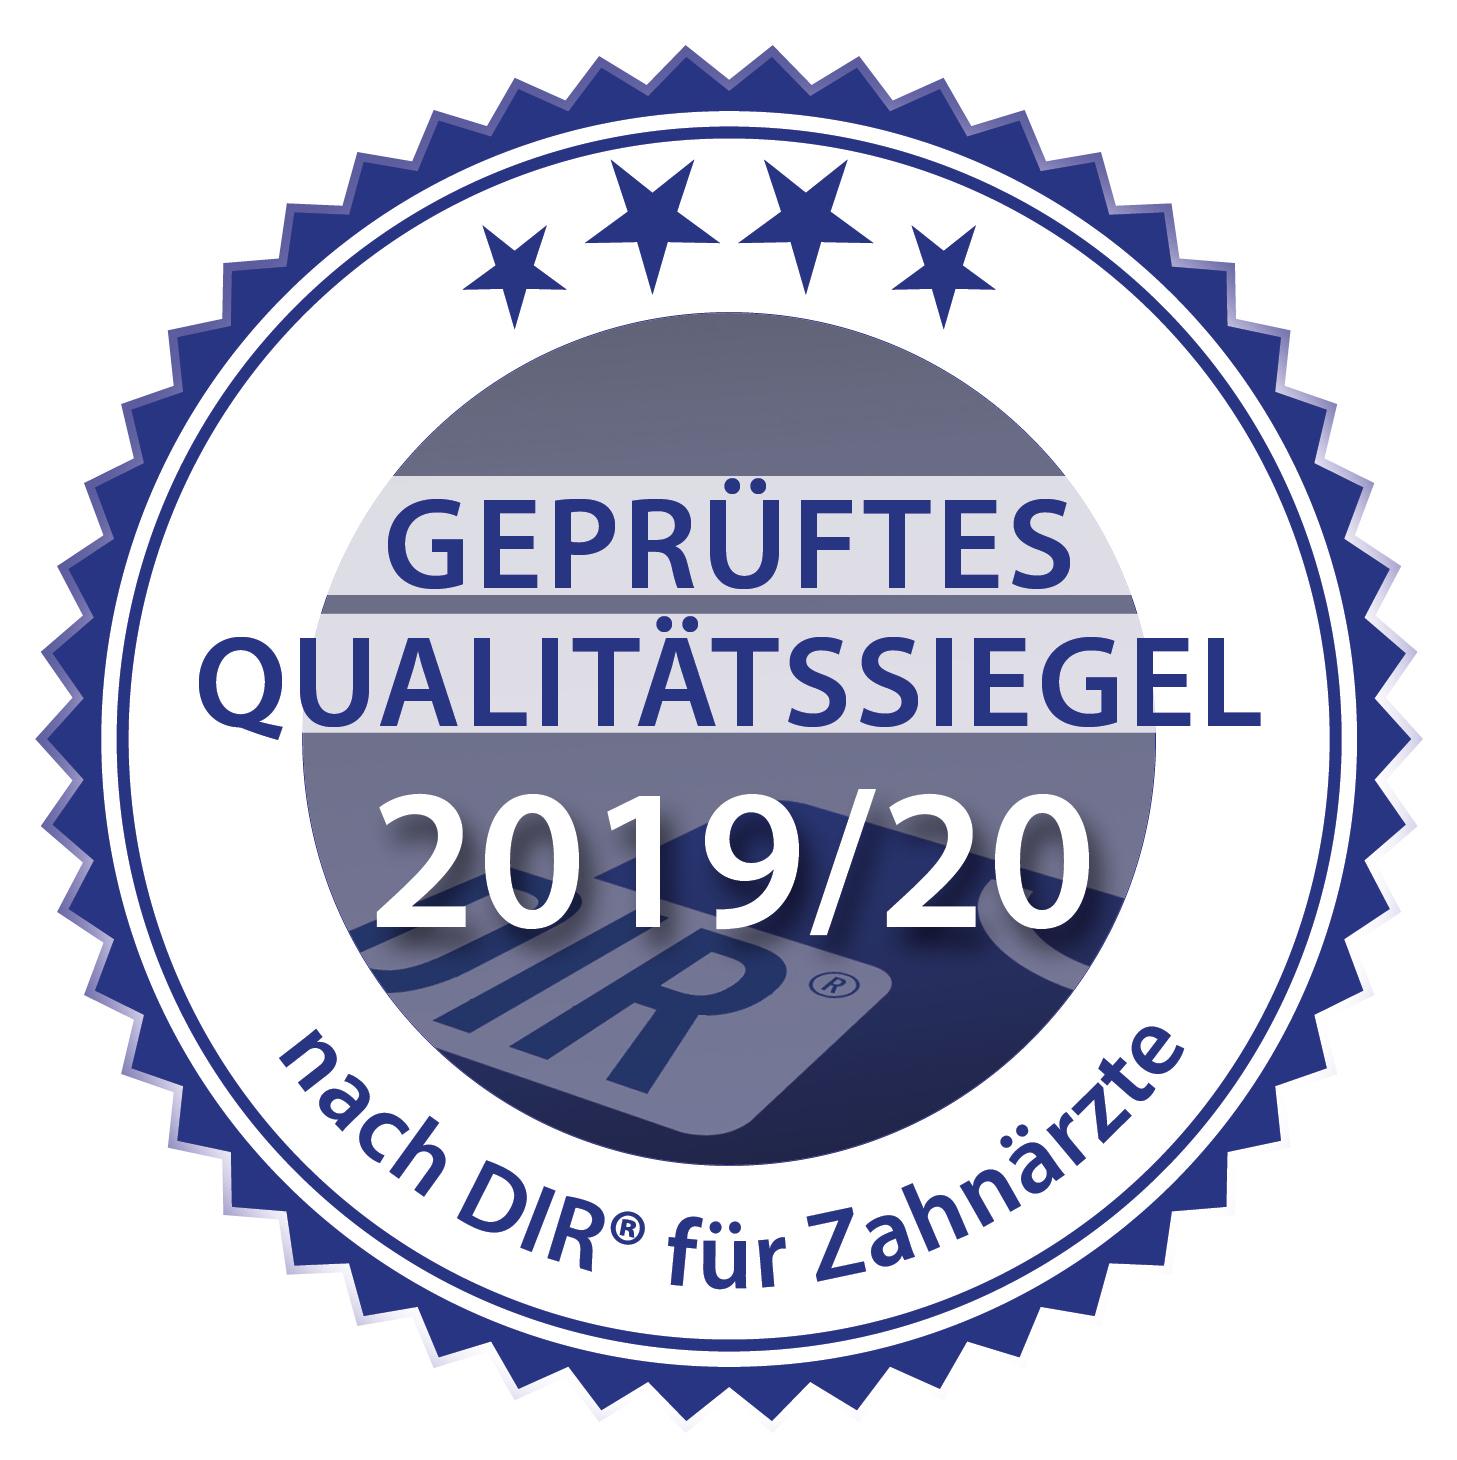 Geprüftes Qualitätssiegel  2019/20 nach DIR® für Zahnärzte